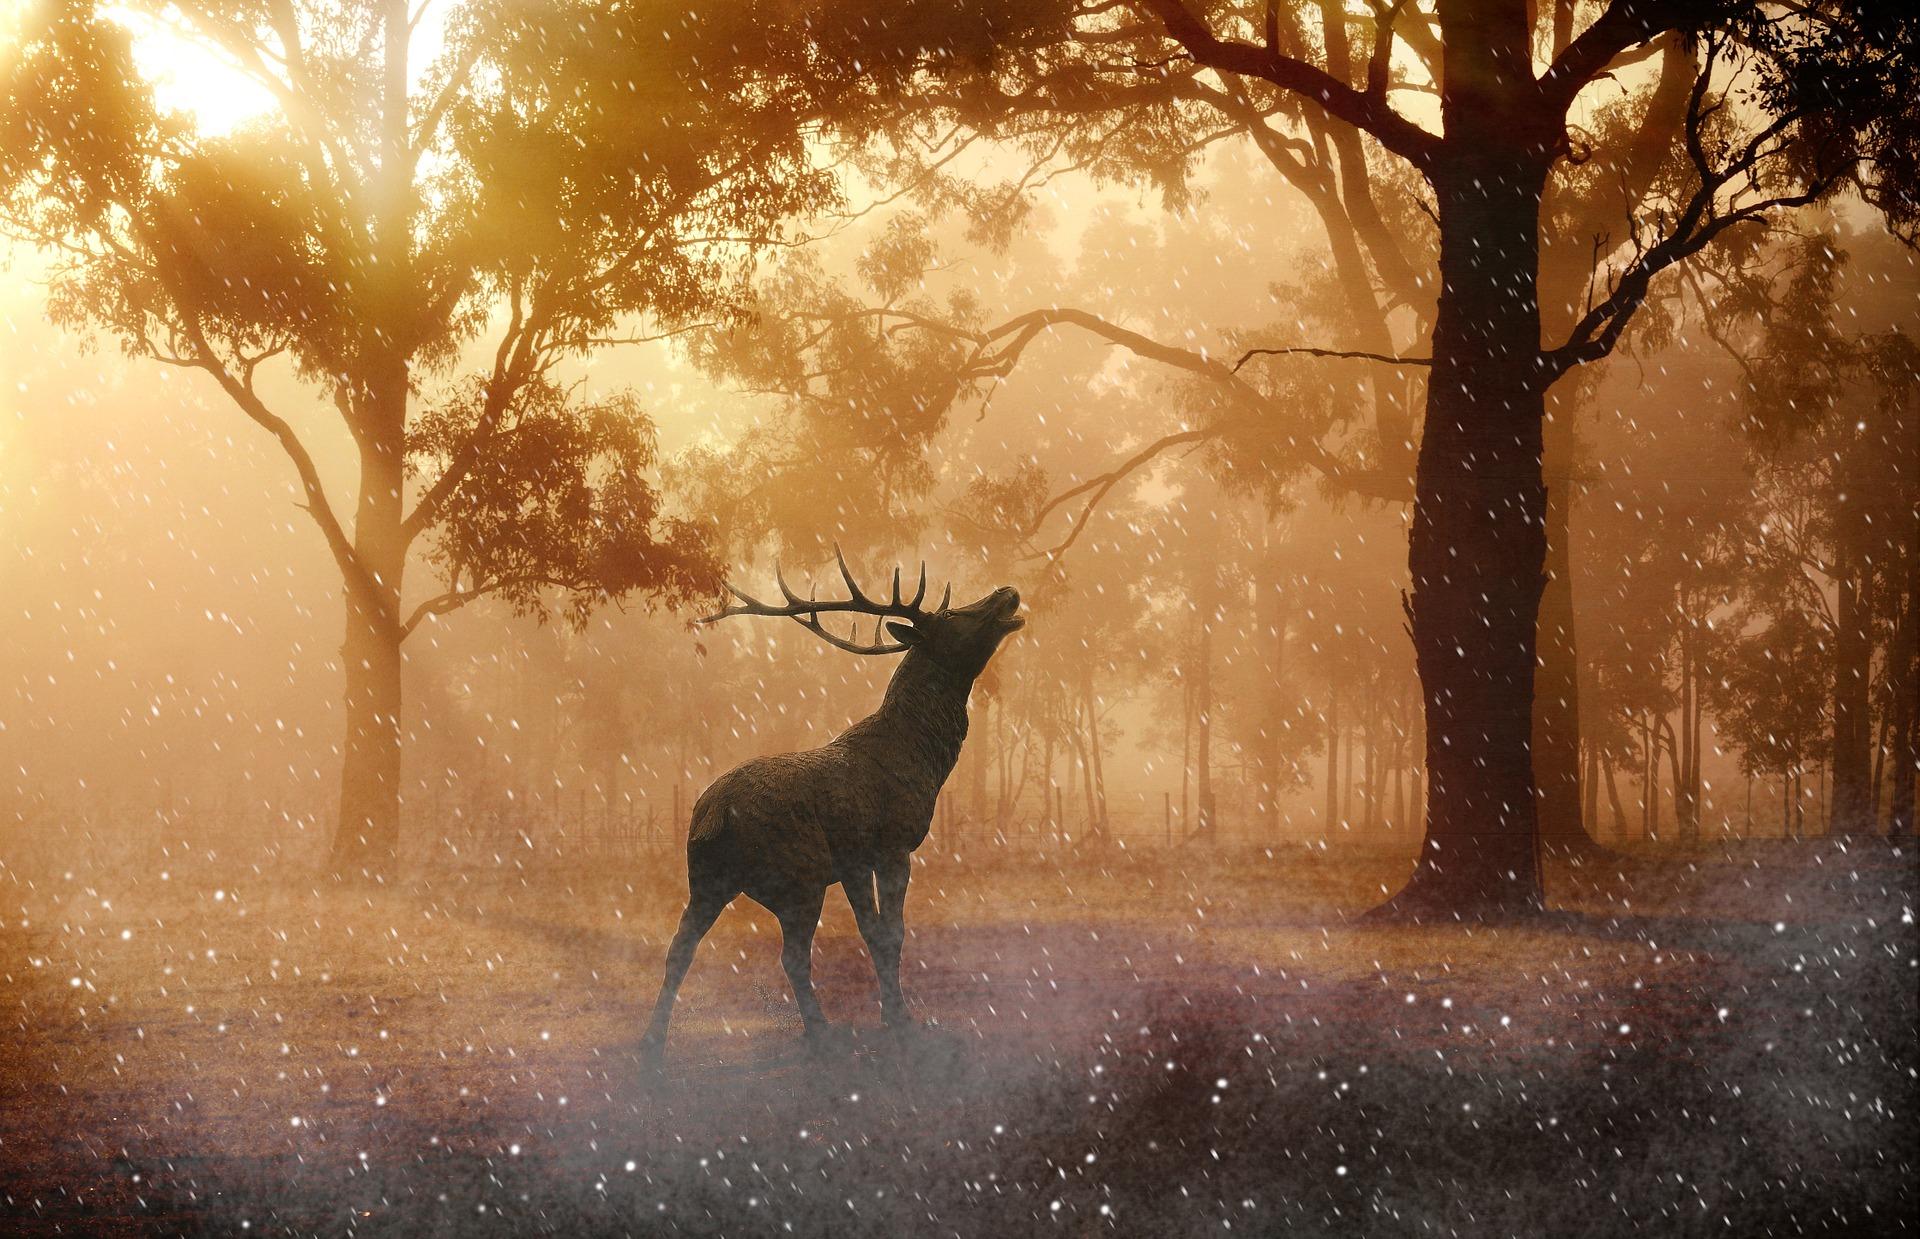 deer-643340_1920.jpg